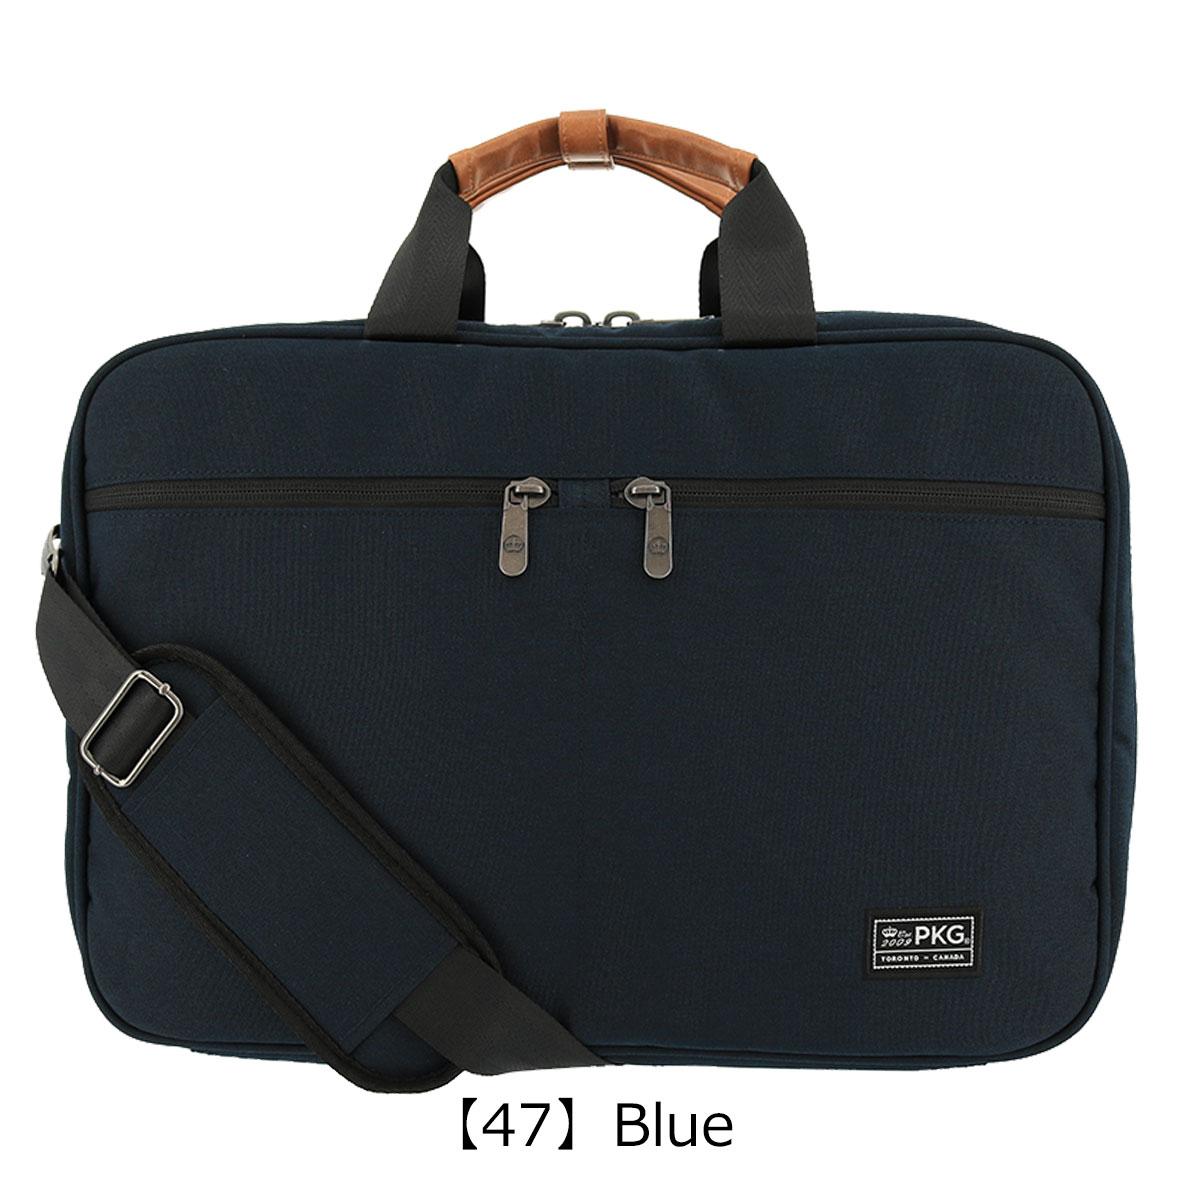 【47】Blue